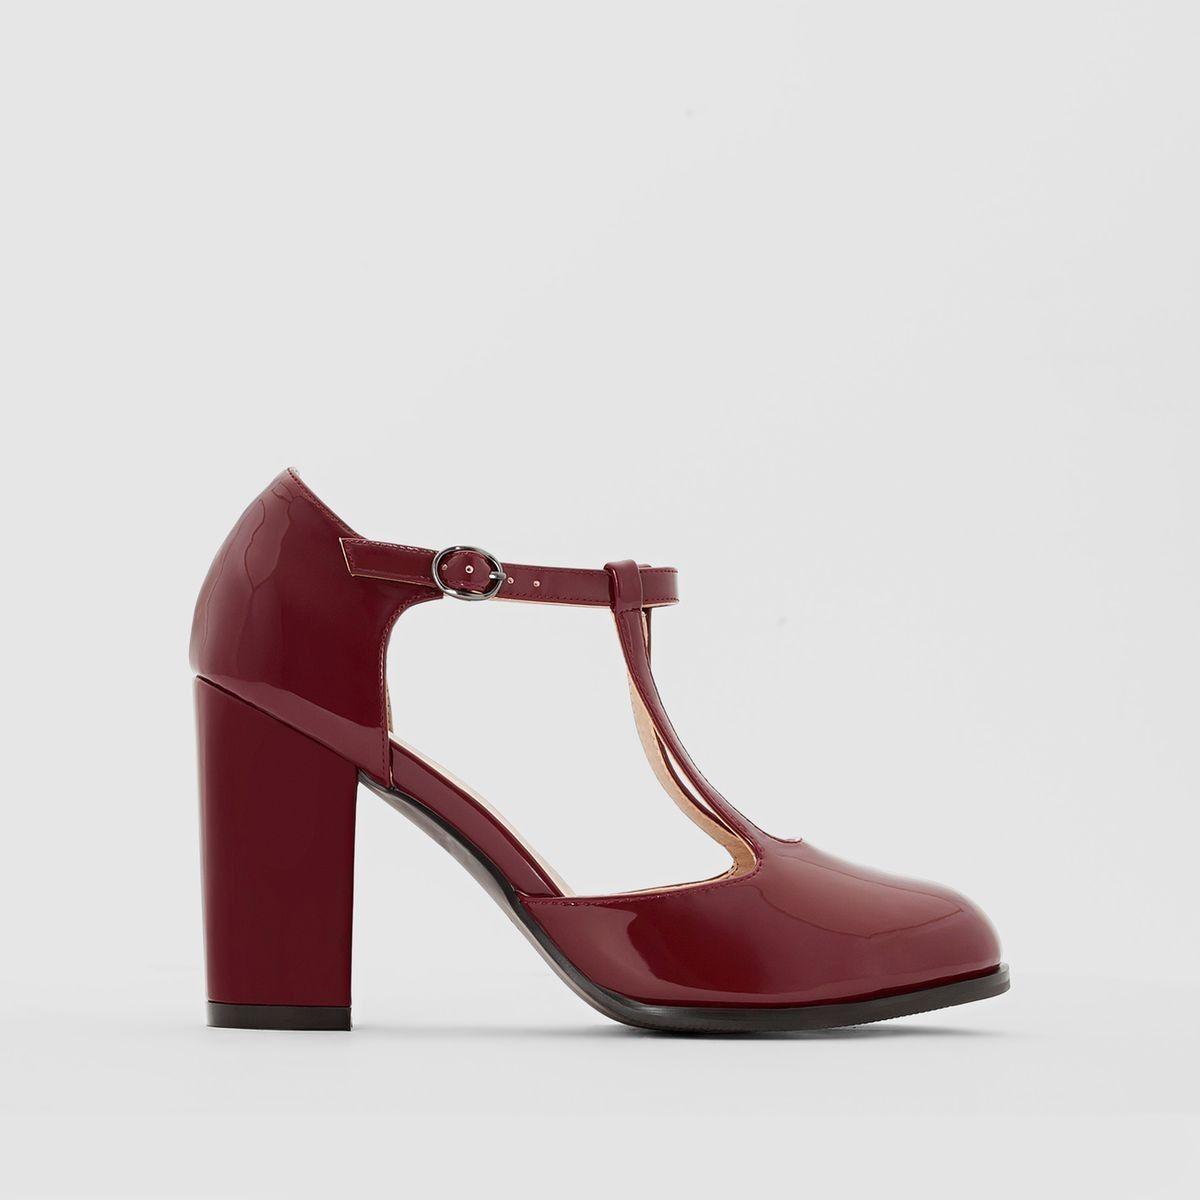 Collections De Vente ANNE WEYBURN Boots ajourées à talon pied large 38-45 Acheter Pas Cher Énorme Surprise Faux Sortie busUCE6Fc